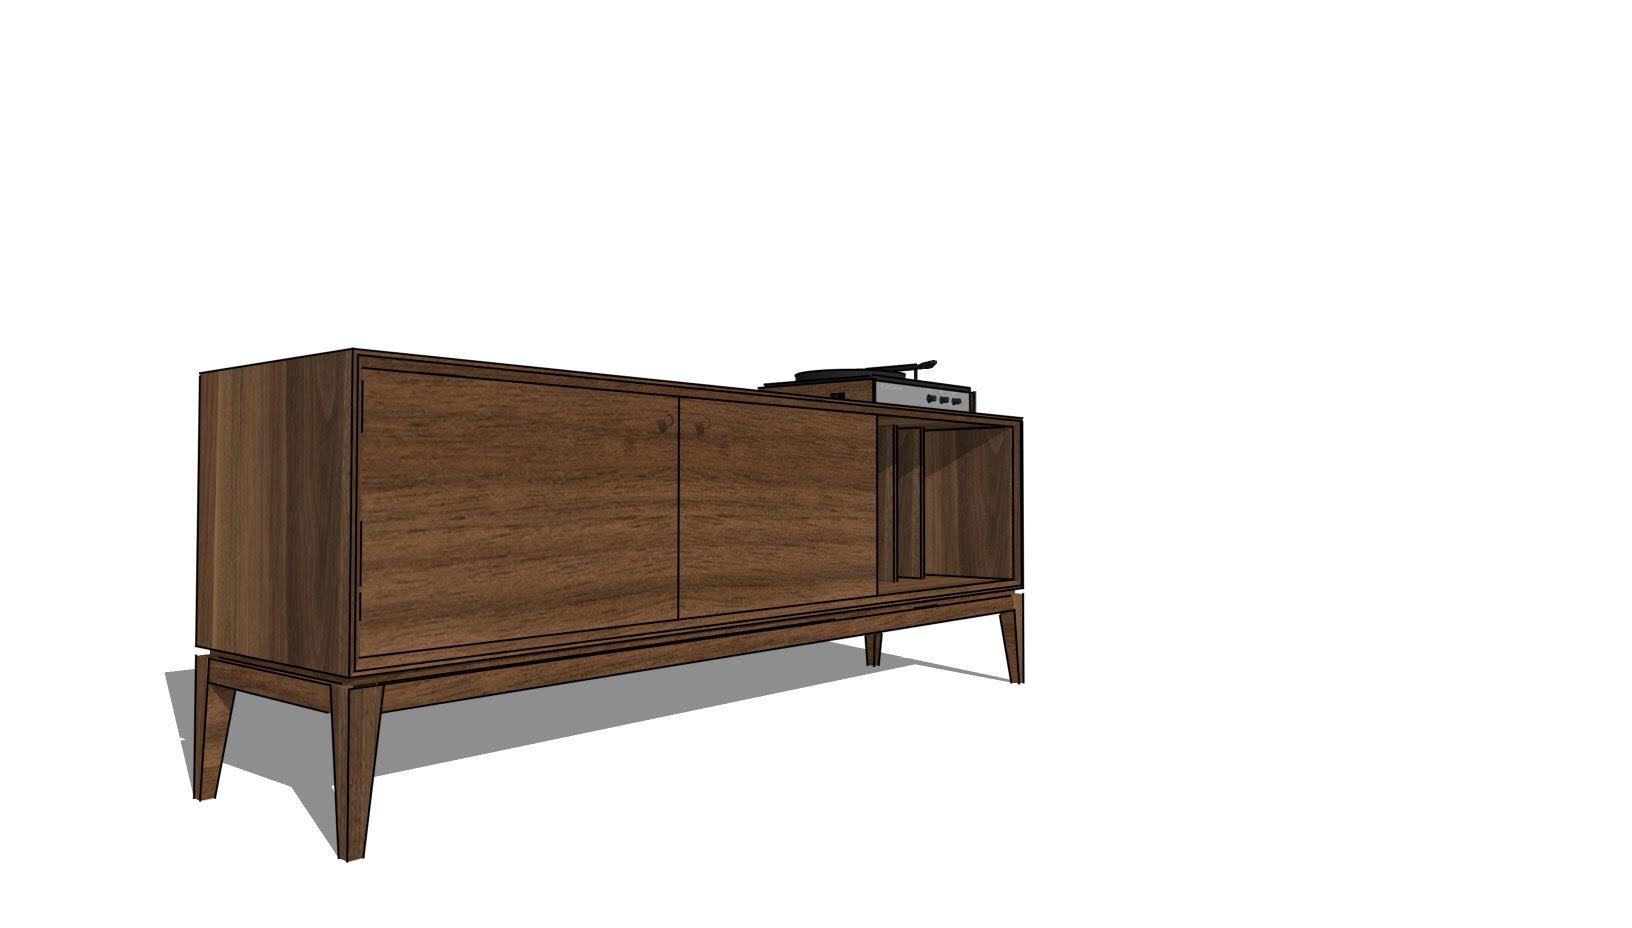 Alamo Design Co Tampa FL Custom Furniture Charity Raffle Record Console Open Right Cabinet.jpg